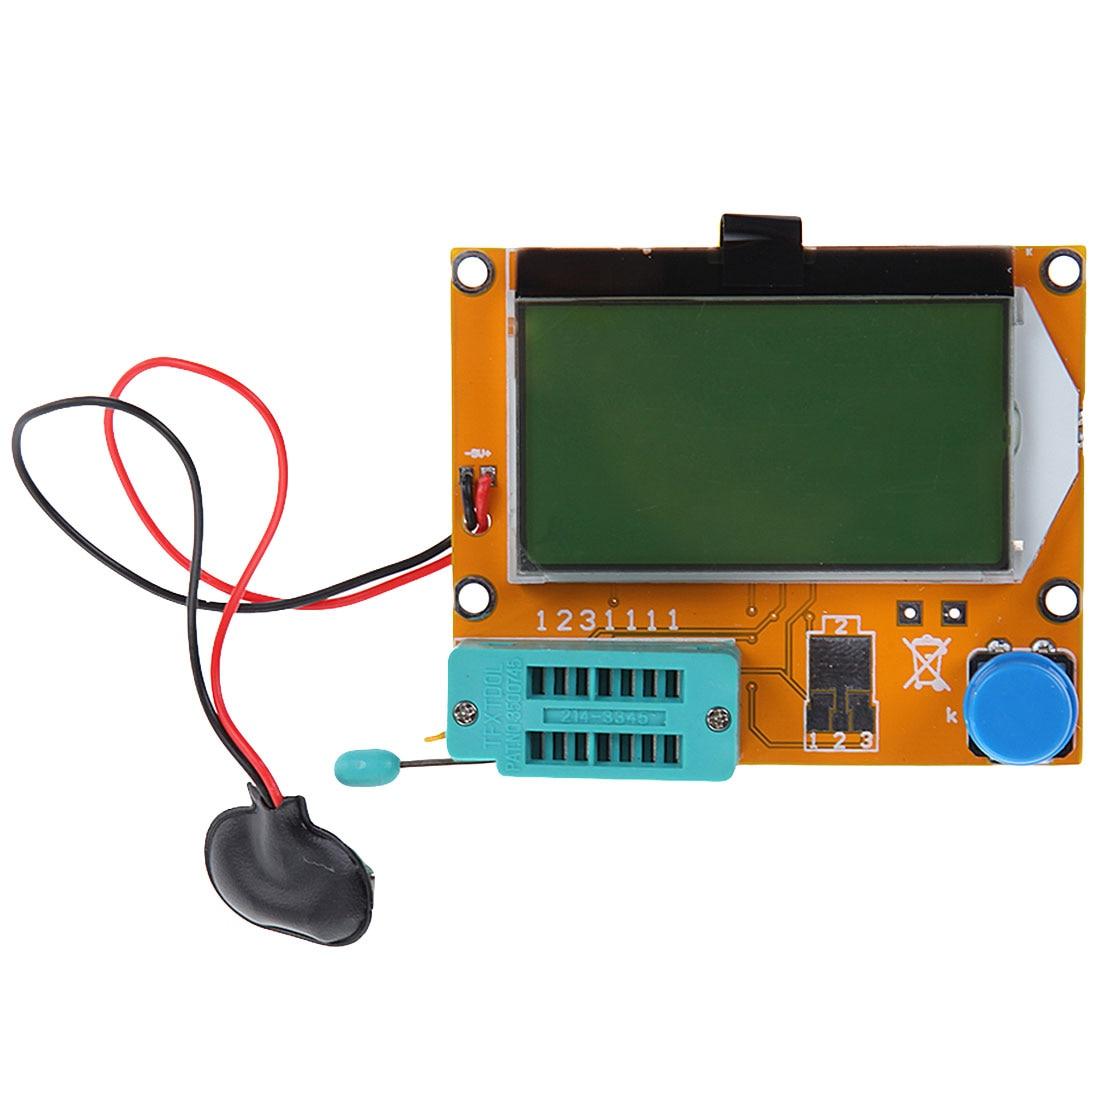 1pcs Transistor Tester Digital V2.68 ESR-T4 Diode Triode Capacitance for MOS/PNP/NPN LCR 12864 LCD Screen Tester ESR Meter